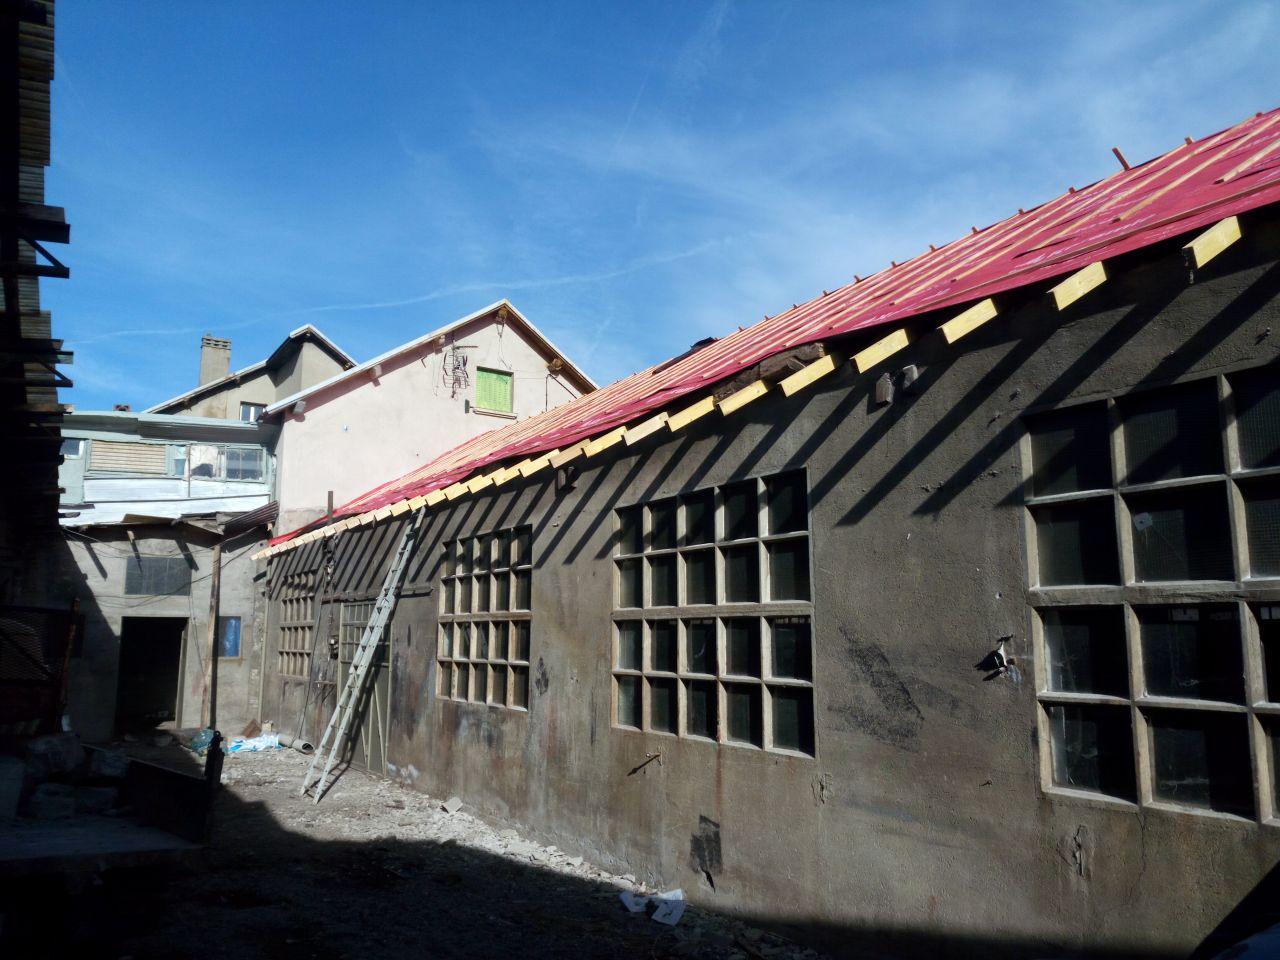 travaux de toiture en cours - face ouest côté cour